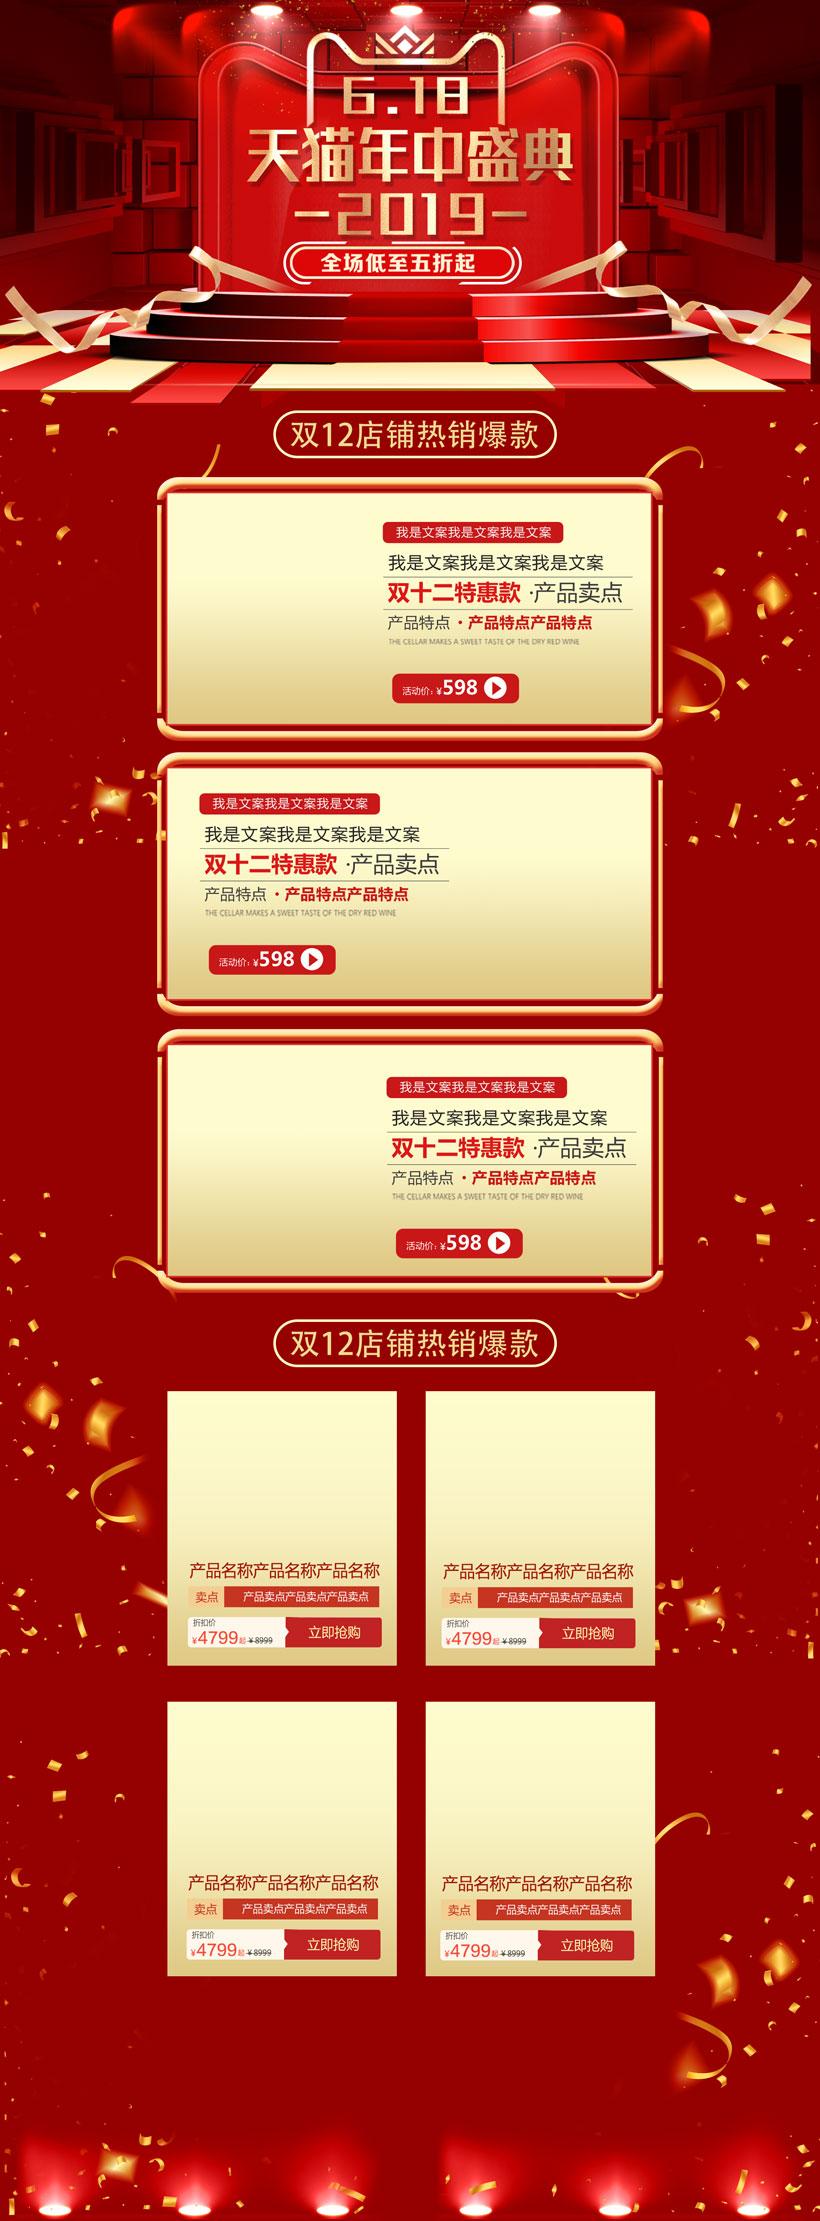 天貓年中盛典活動頁面設計PSD素材